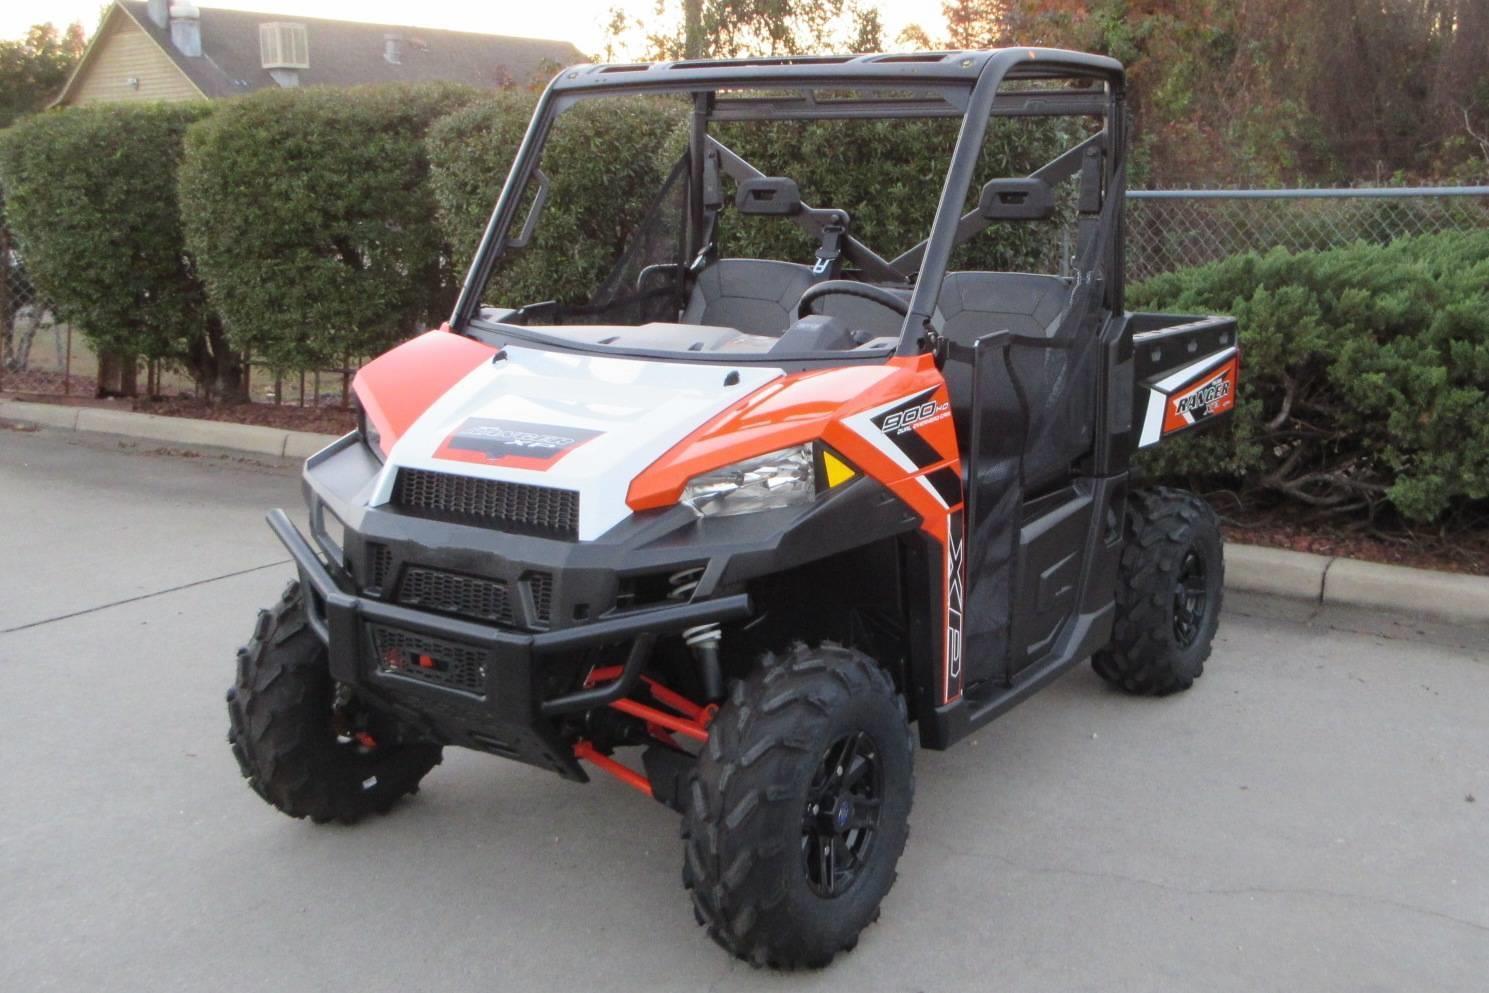 Factory Supplier Ranger XP 900 EPS UTV 7